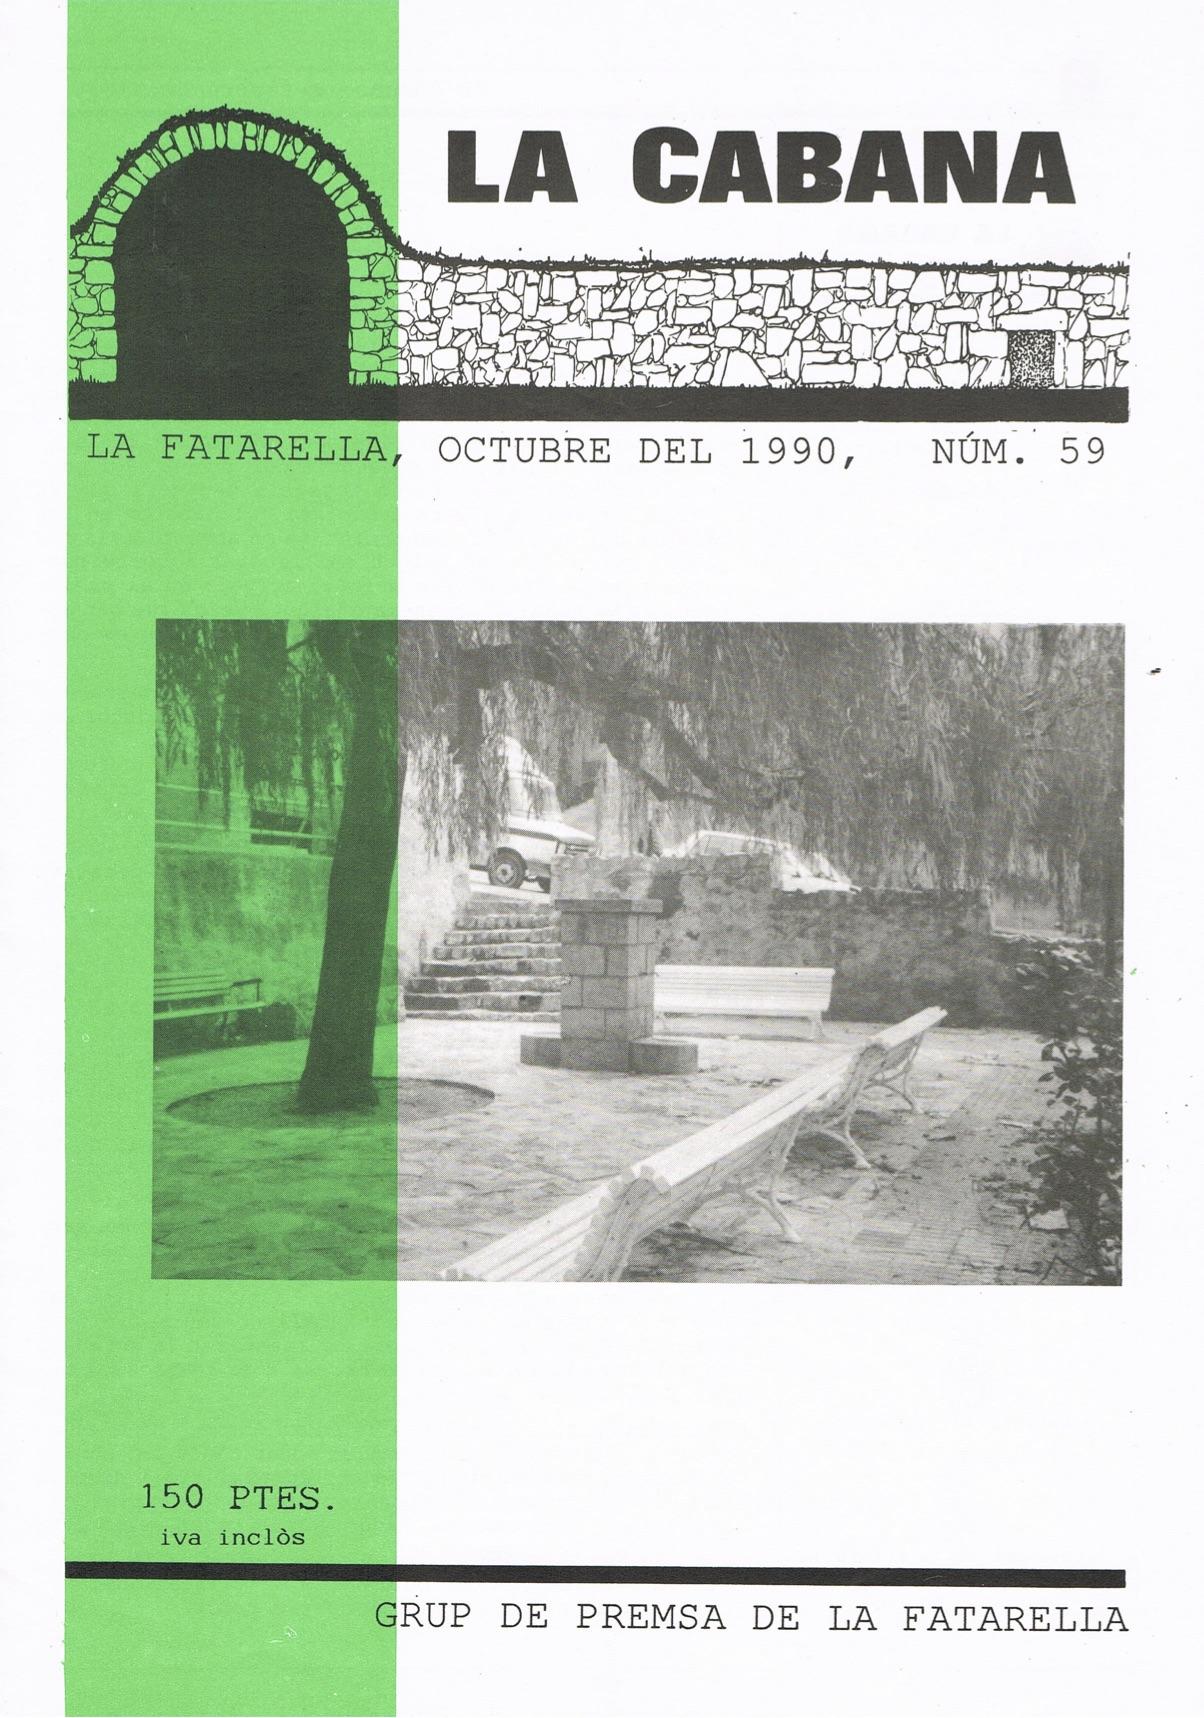 Revista local La Cabana núm. 59 – Octubre del 1990. Arxiu pdf